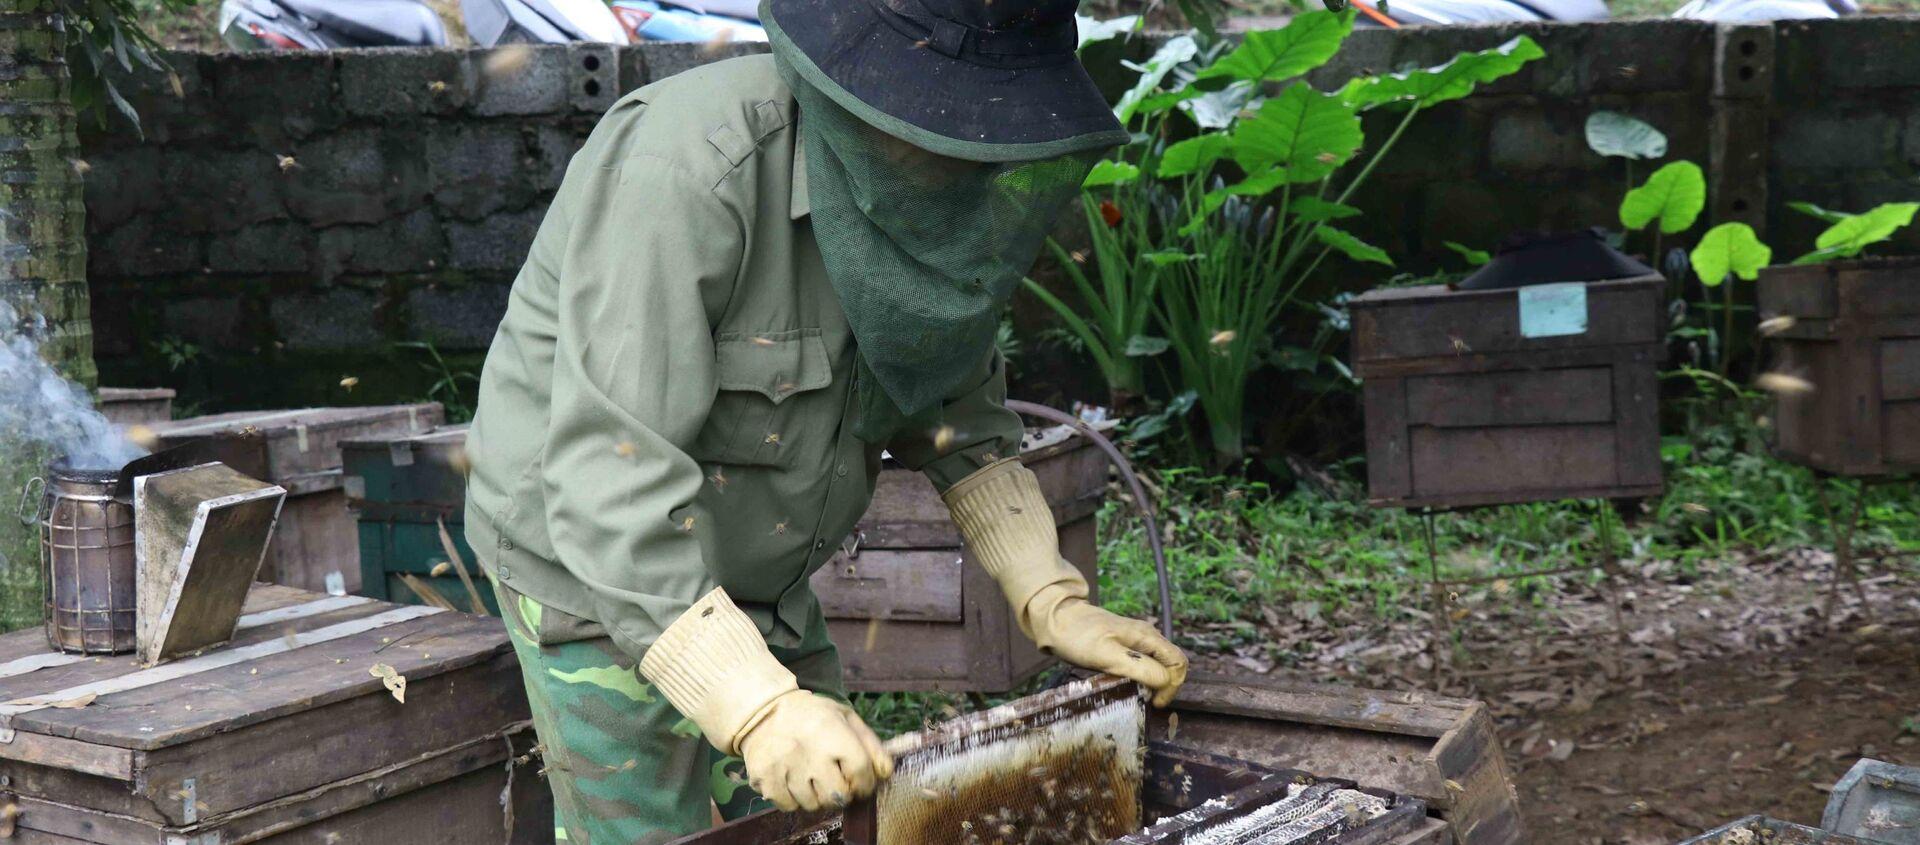 Người dân lấy cầu đựng ong ra khỏi thùng mang đi lấy mật. - Sputnik Việt Nam, 1920, 01.05.2021